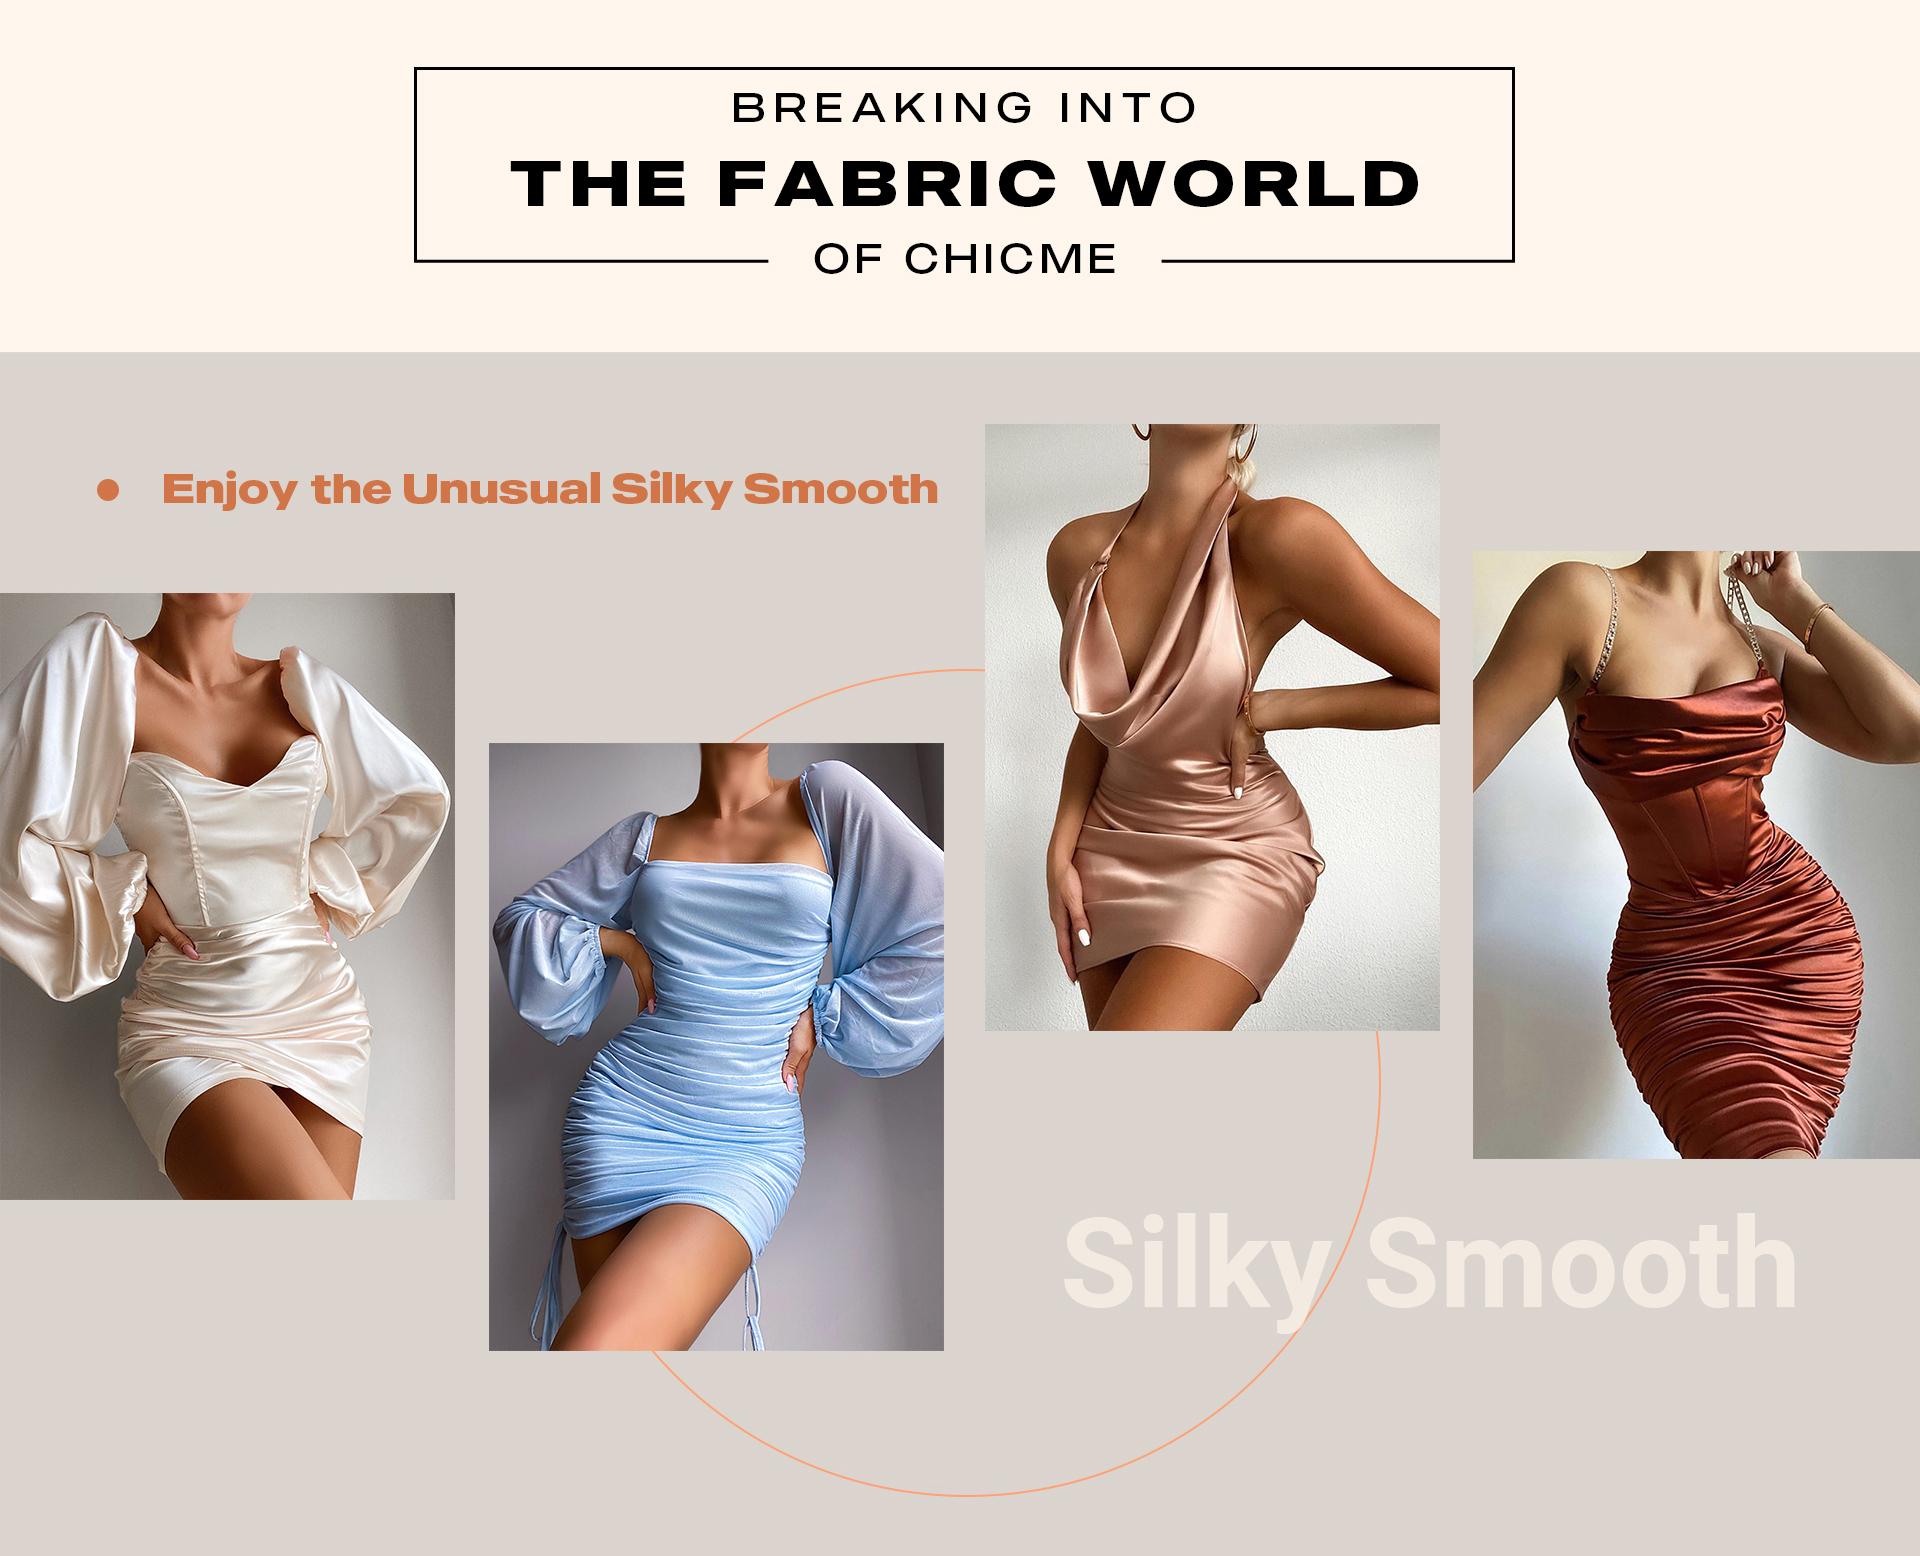 Enjoy the unusual silky smooth